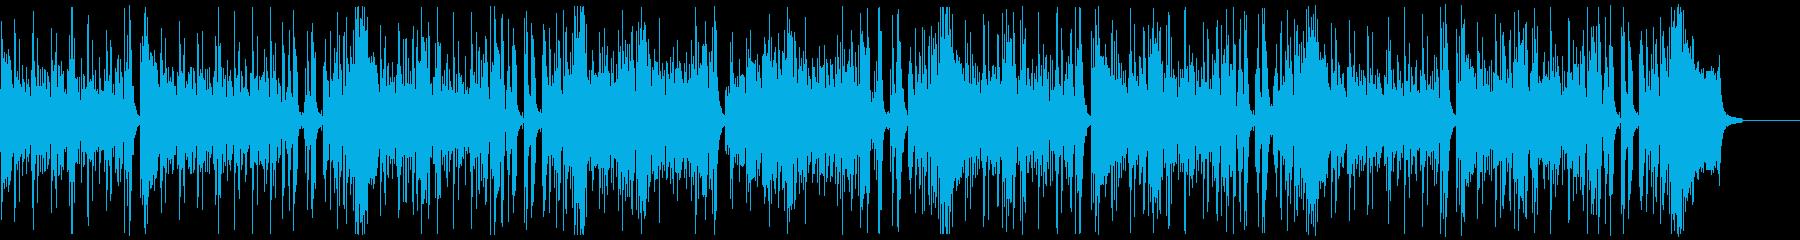 明るく楽しいロックンロールギターピアノ抜の再生済みの波形